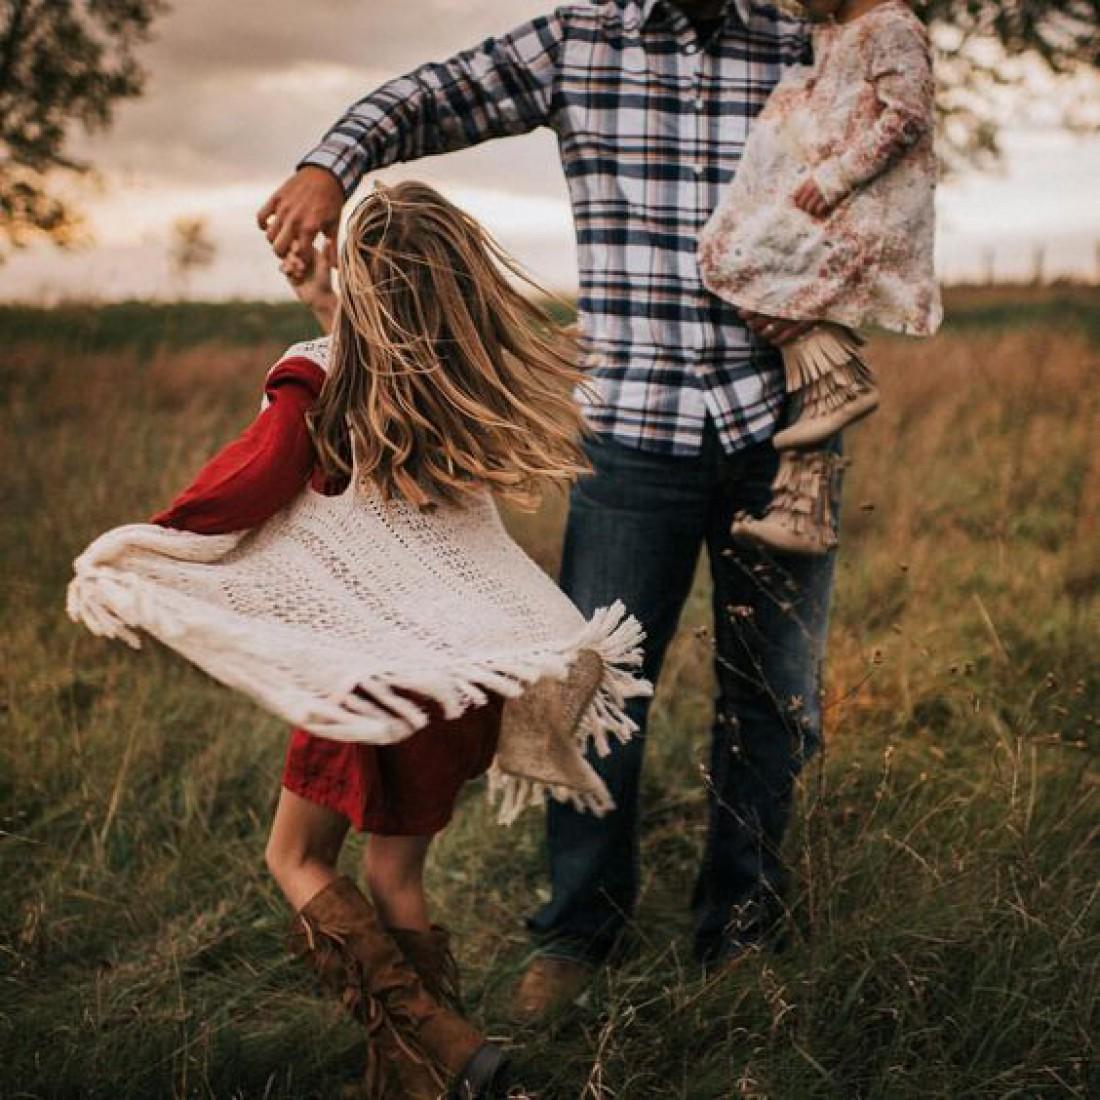 Как отношения с отцом влияют на ваши отношения с мужчинами: 4 важных фактора